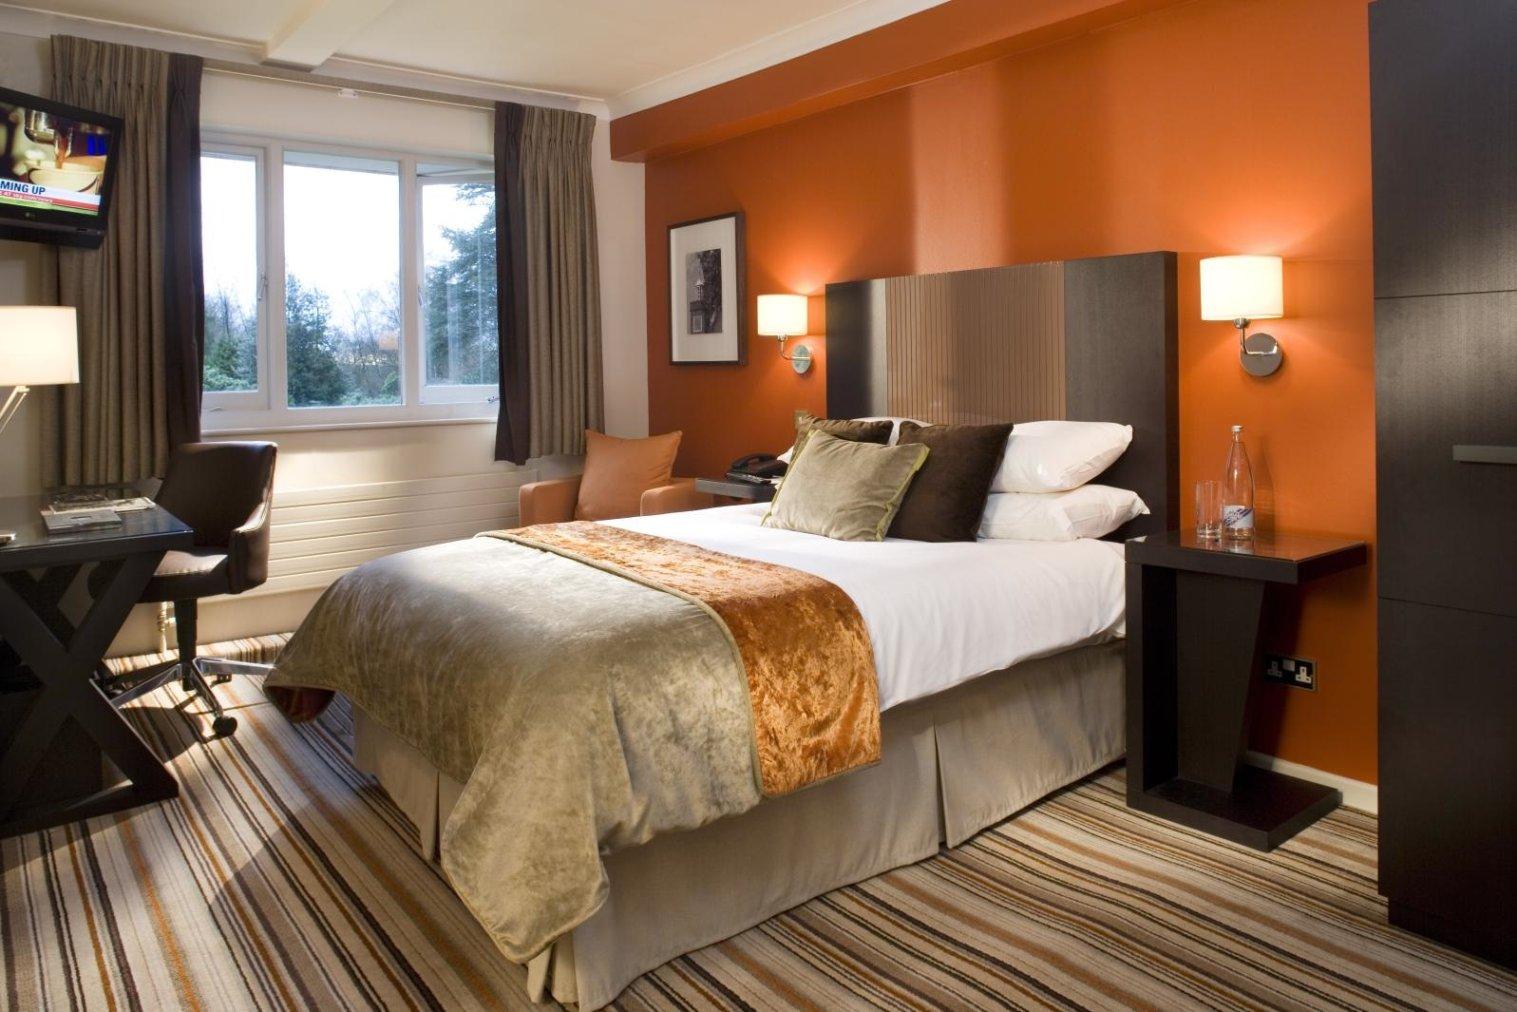 bedroom paint colors ideas photo - 2